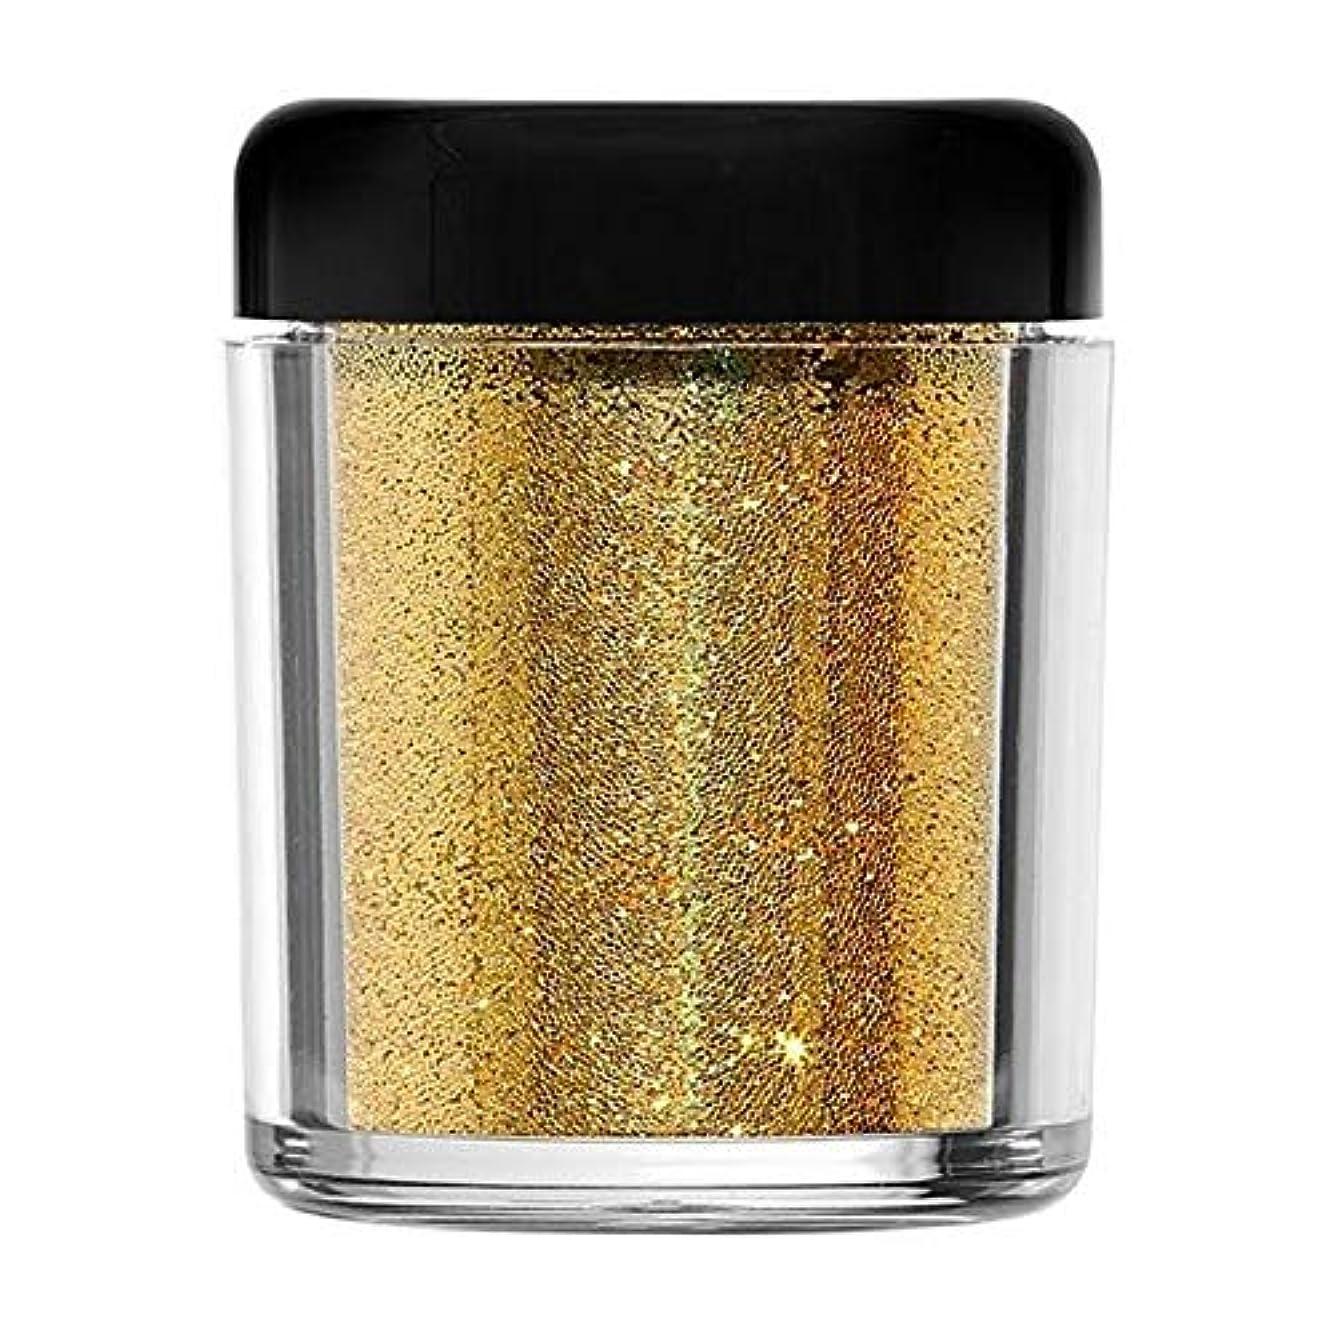 効能特別な芝生[Barry M ] バリーメートルのグリッターラッシュボディの輝き - 火の玉 - Barry M Glitter Rush Body Glitter - Fireball [並行輸入品]